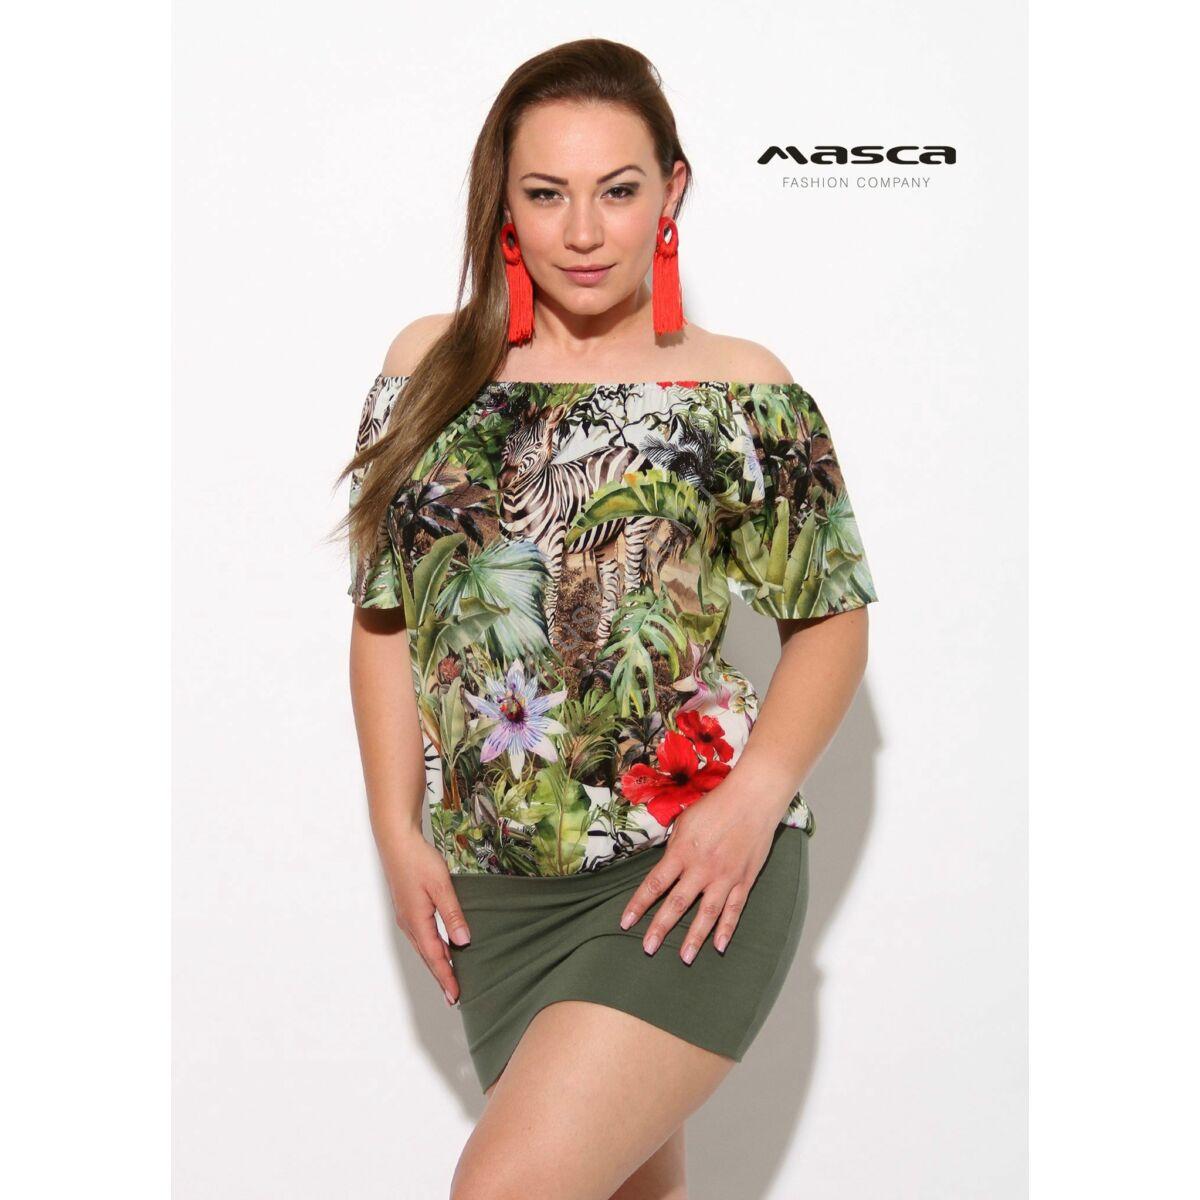 2a388b9183 Kép 1/1 - Masca Fashion gumis vállra húzós, zebrás dzsungelmintás laza  rövid ujjú tunika, miniruha, szűkebb keki aljjal